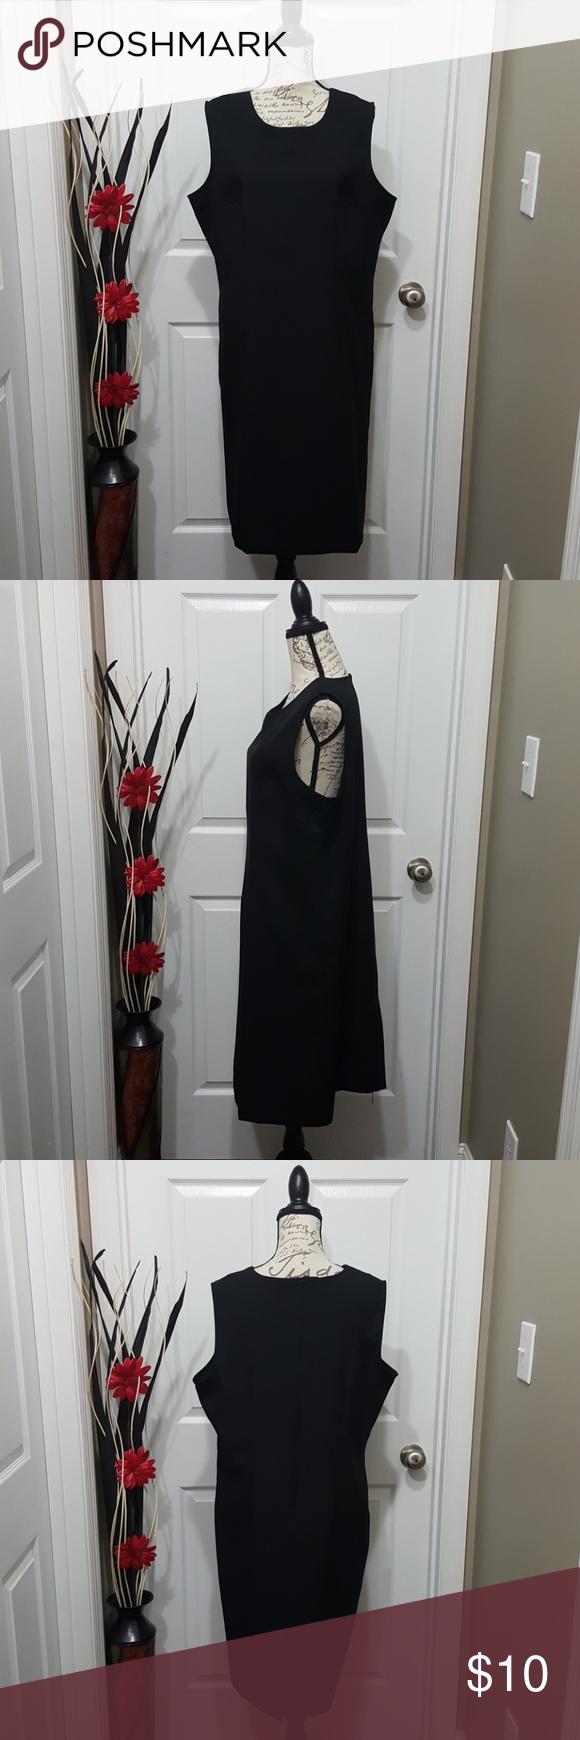 Black Dress Shell Plus Size 18 Black Dress Size 18 Size 18 Dress [ 1740 x 580 Pixel ]